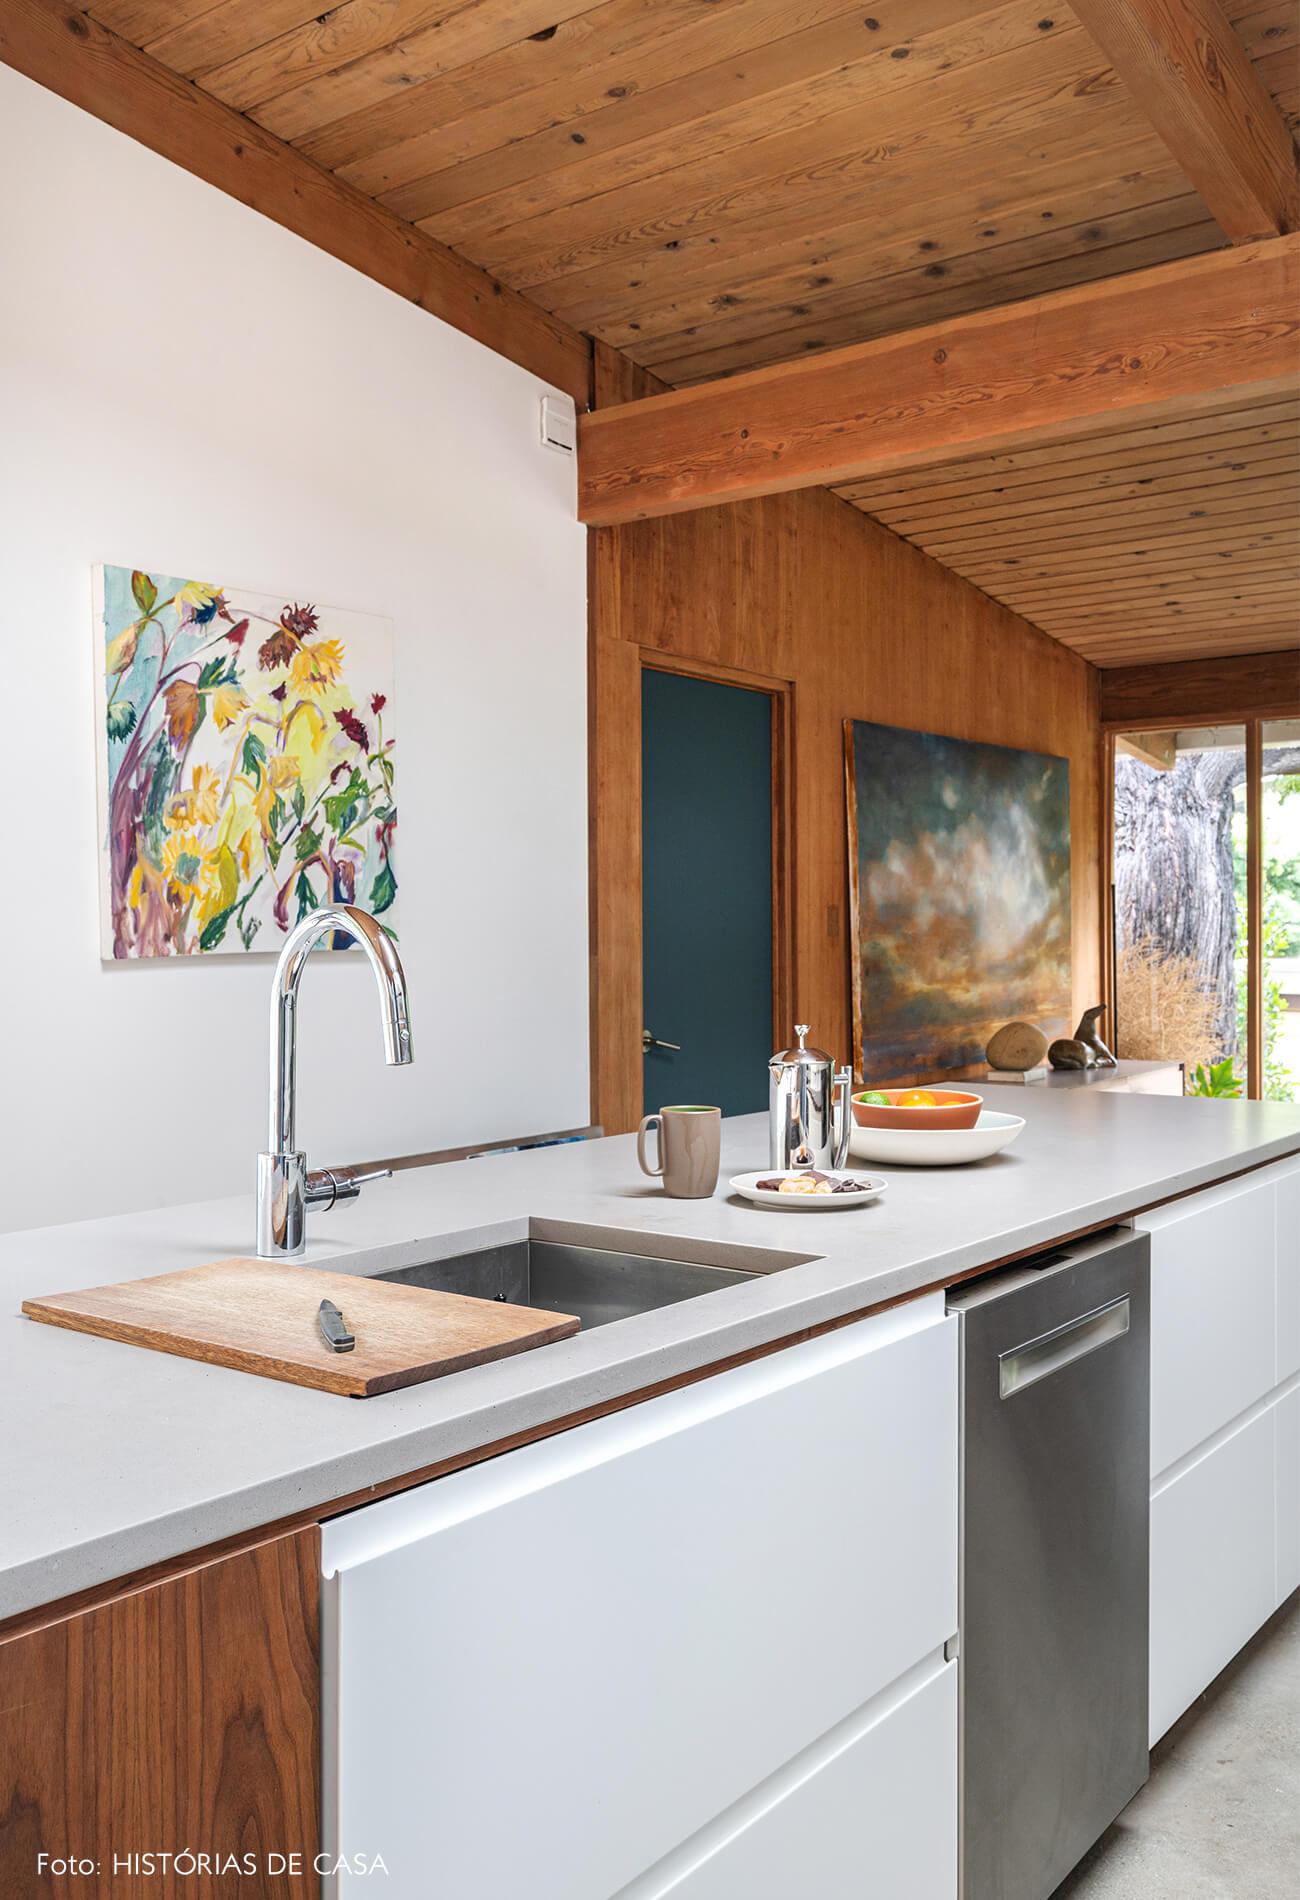 decoração casa de madeira e vidro com cozinha com bancadas branca de madeira